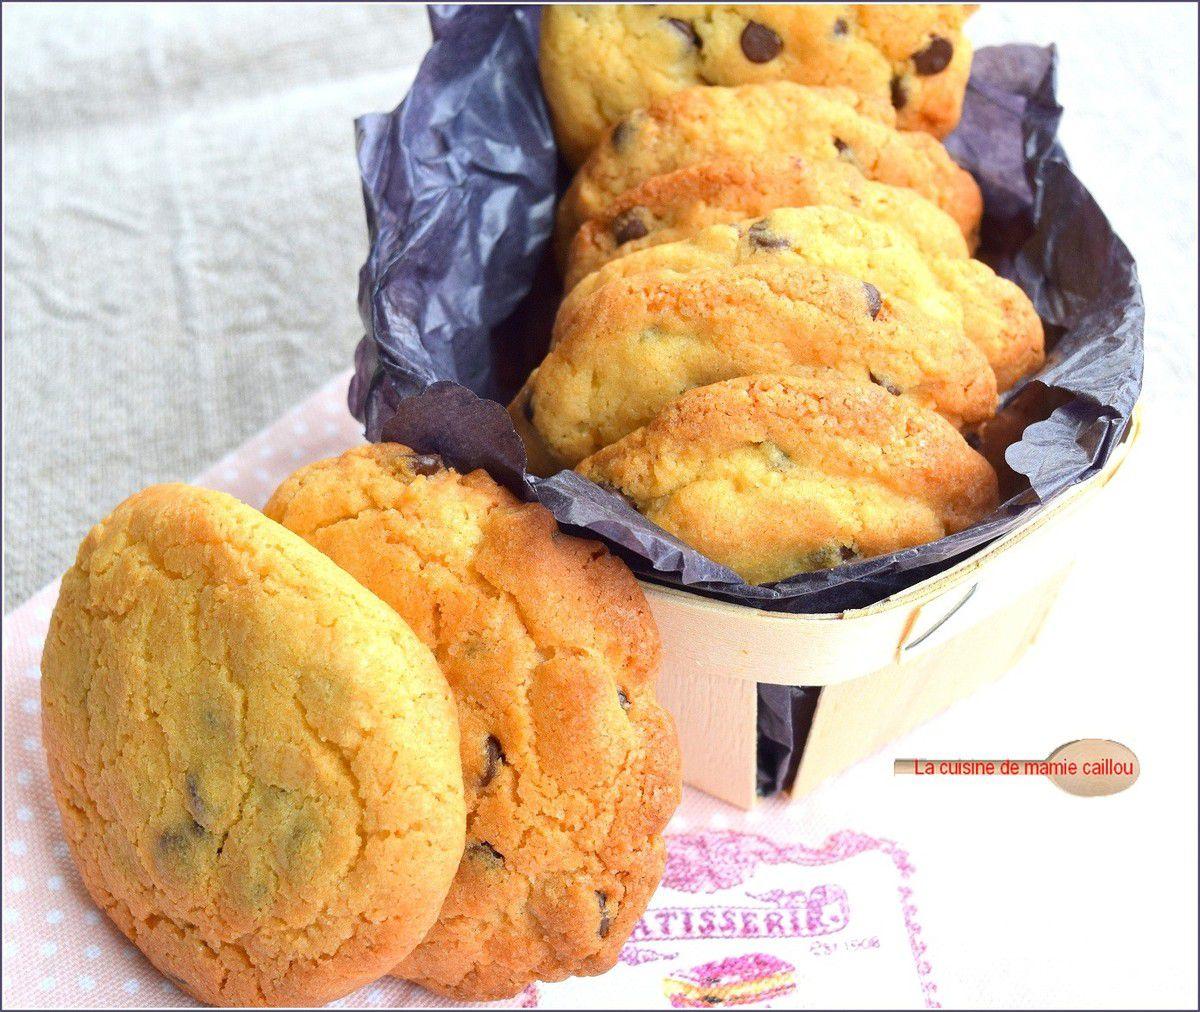 Des Cookies au chocolat...car il n'y a pas que les enfants qui aiment ça